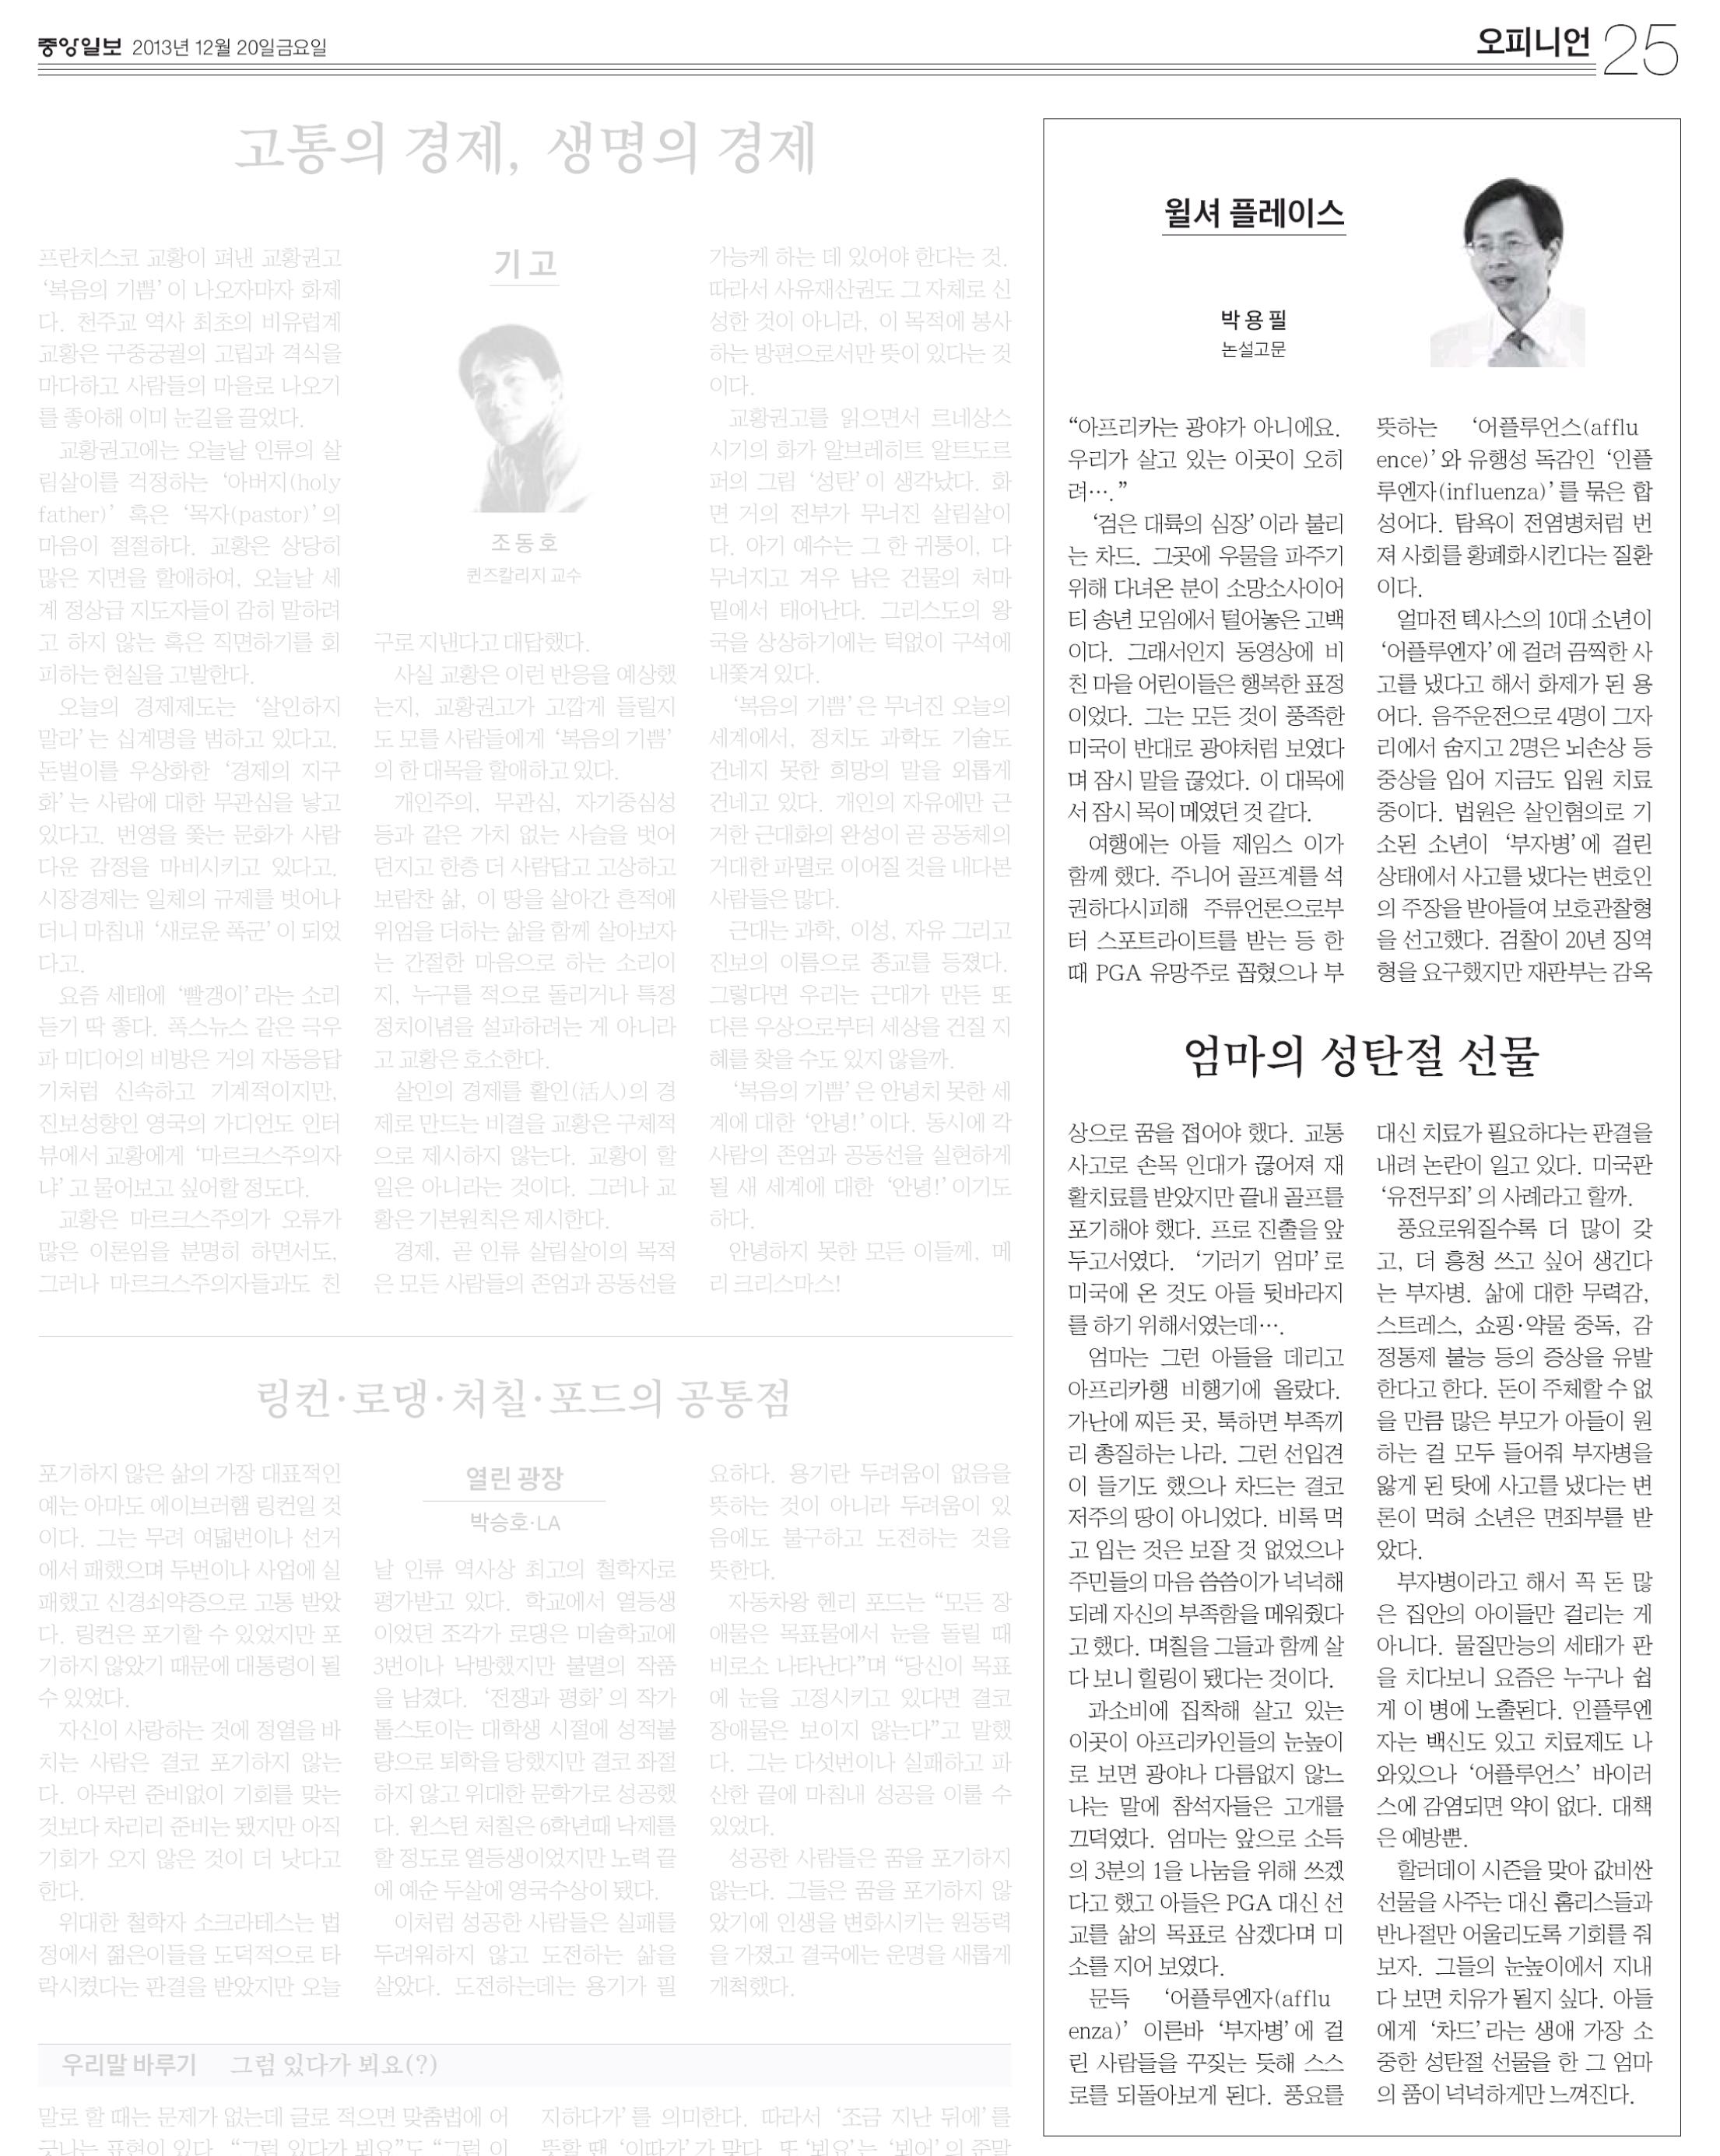 [윌셔 플레이스] 엄마의 성탄절 선물 2013년 12월 20일 중앙일보